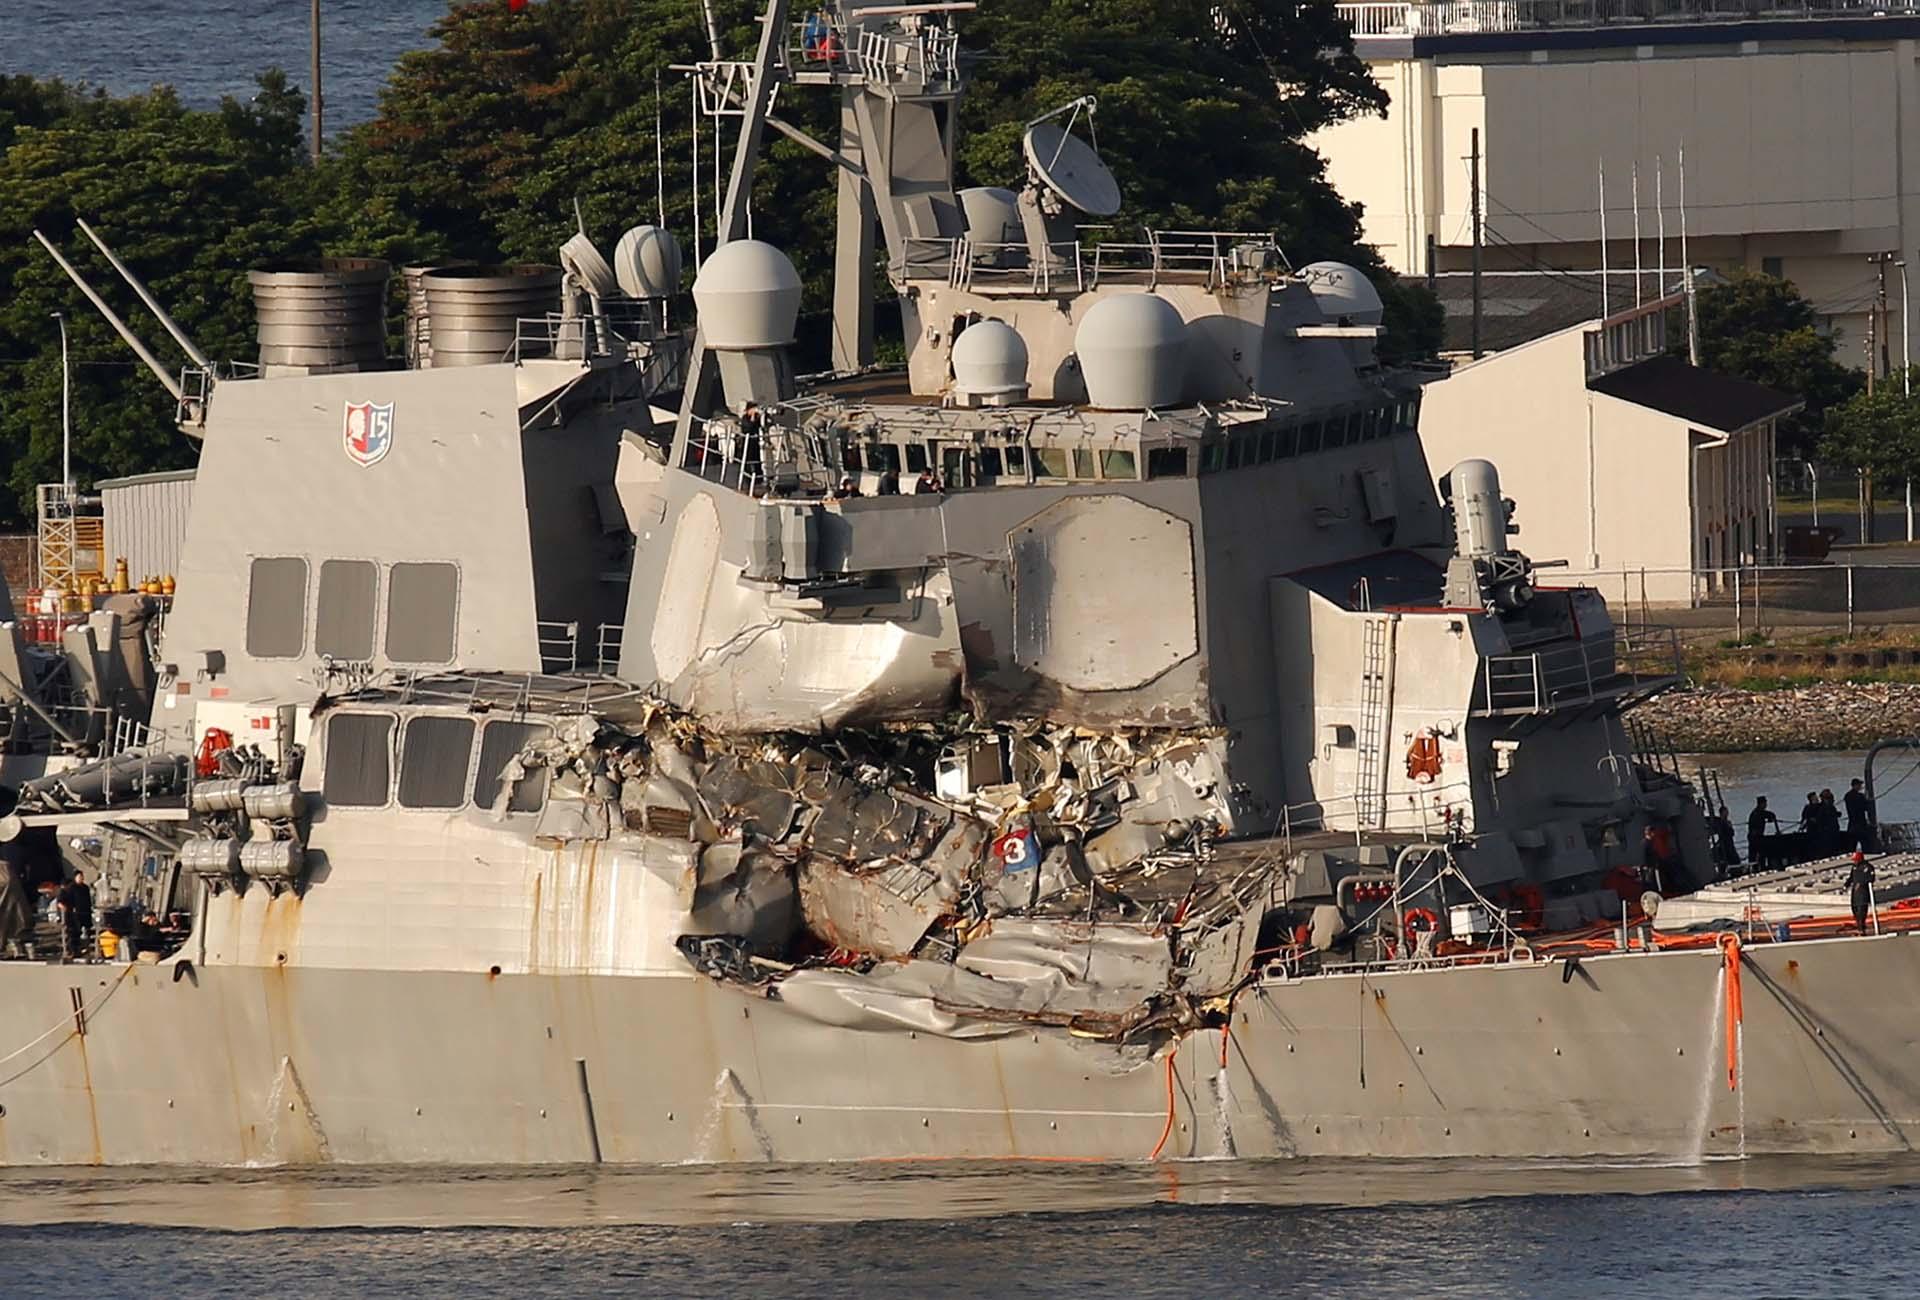 El destructor USS Fitzgerald, dañado al chocar con un buque mercante filipino, llega a la base naval estadounidense en Yokosuka, al sur de Tokio, Japón